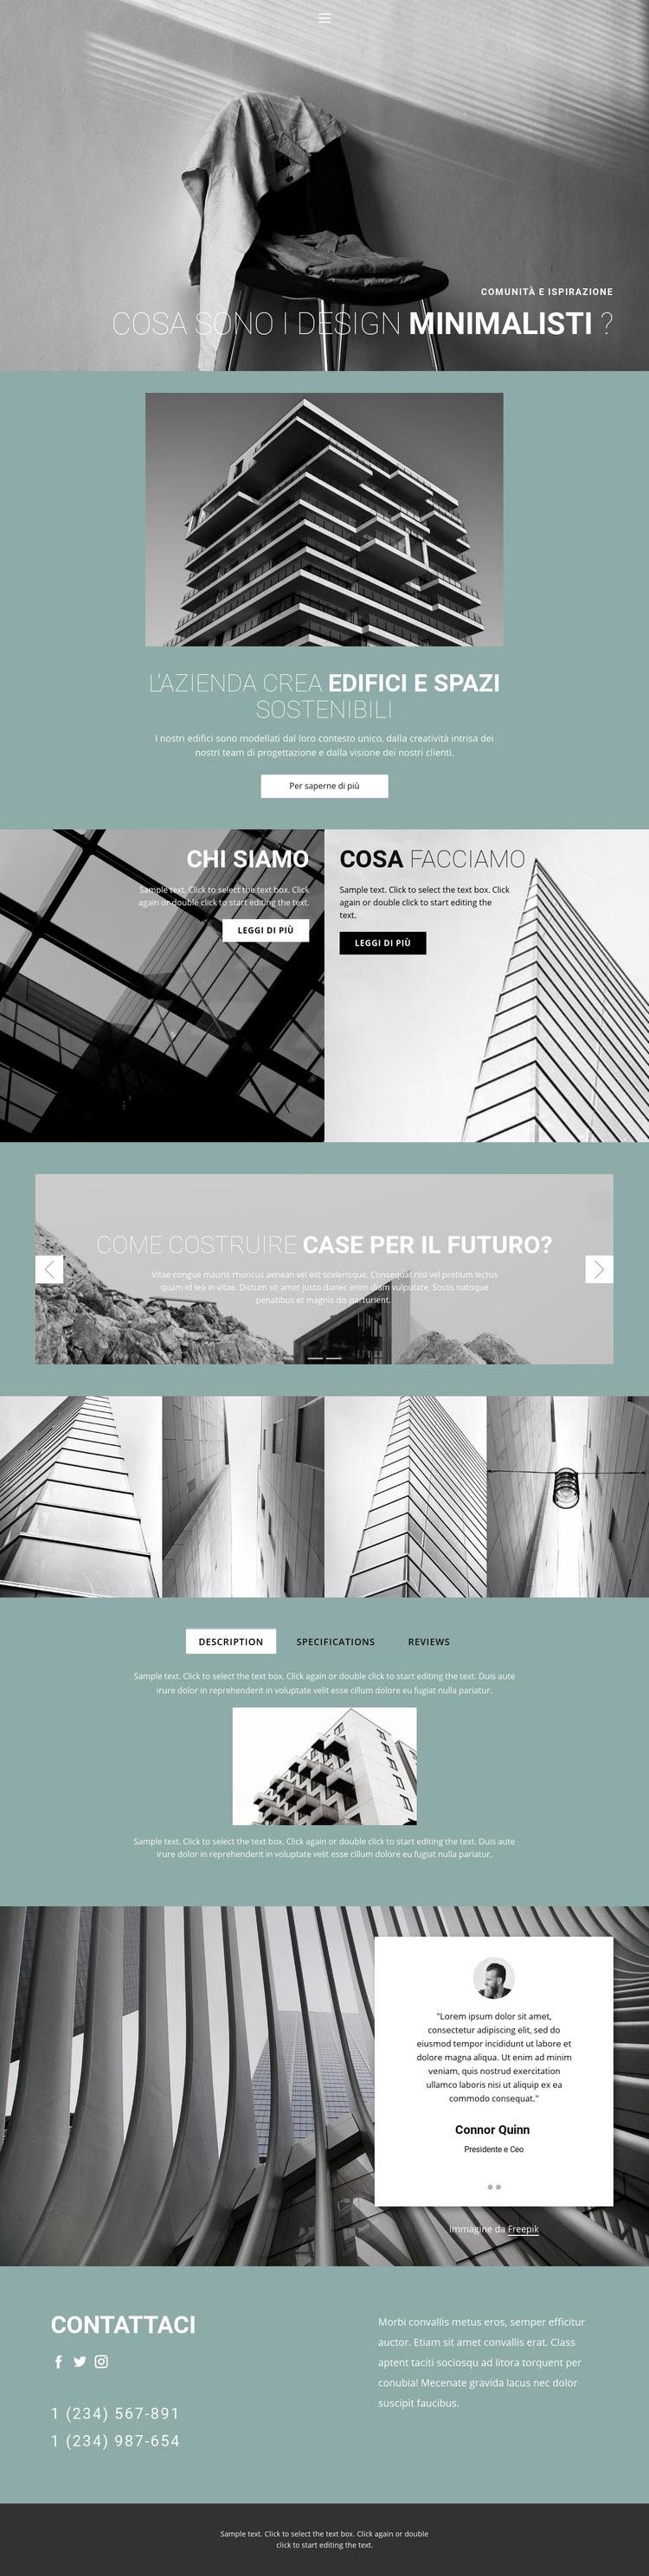 Idee di architettura perfette Modello di sito Web